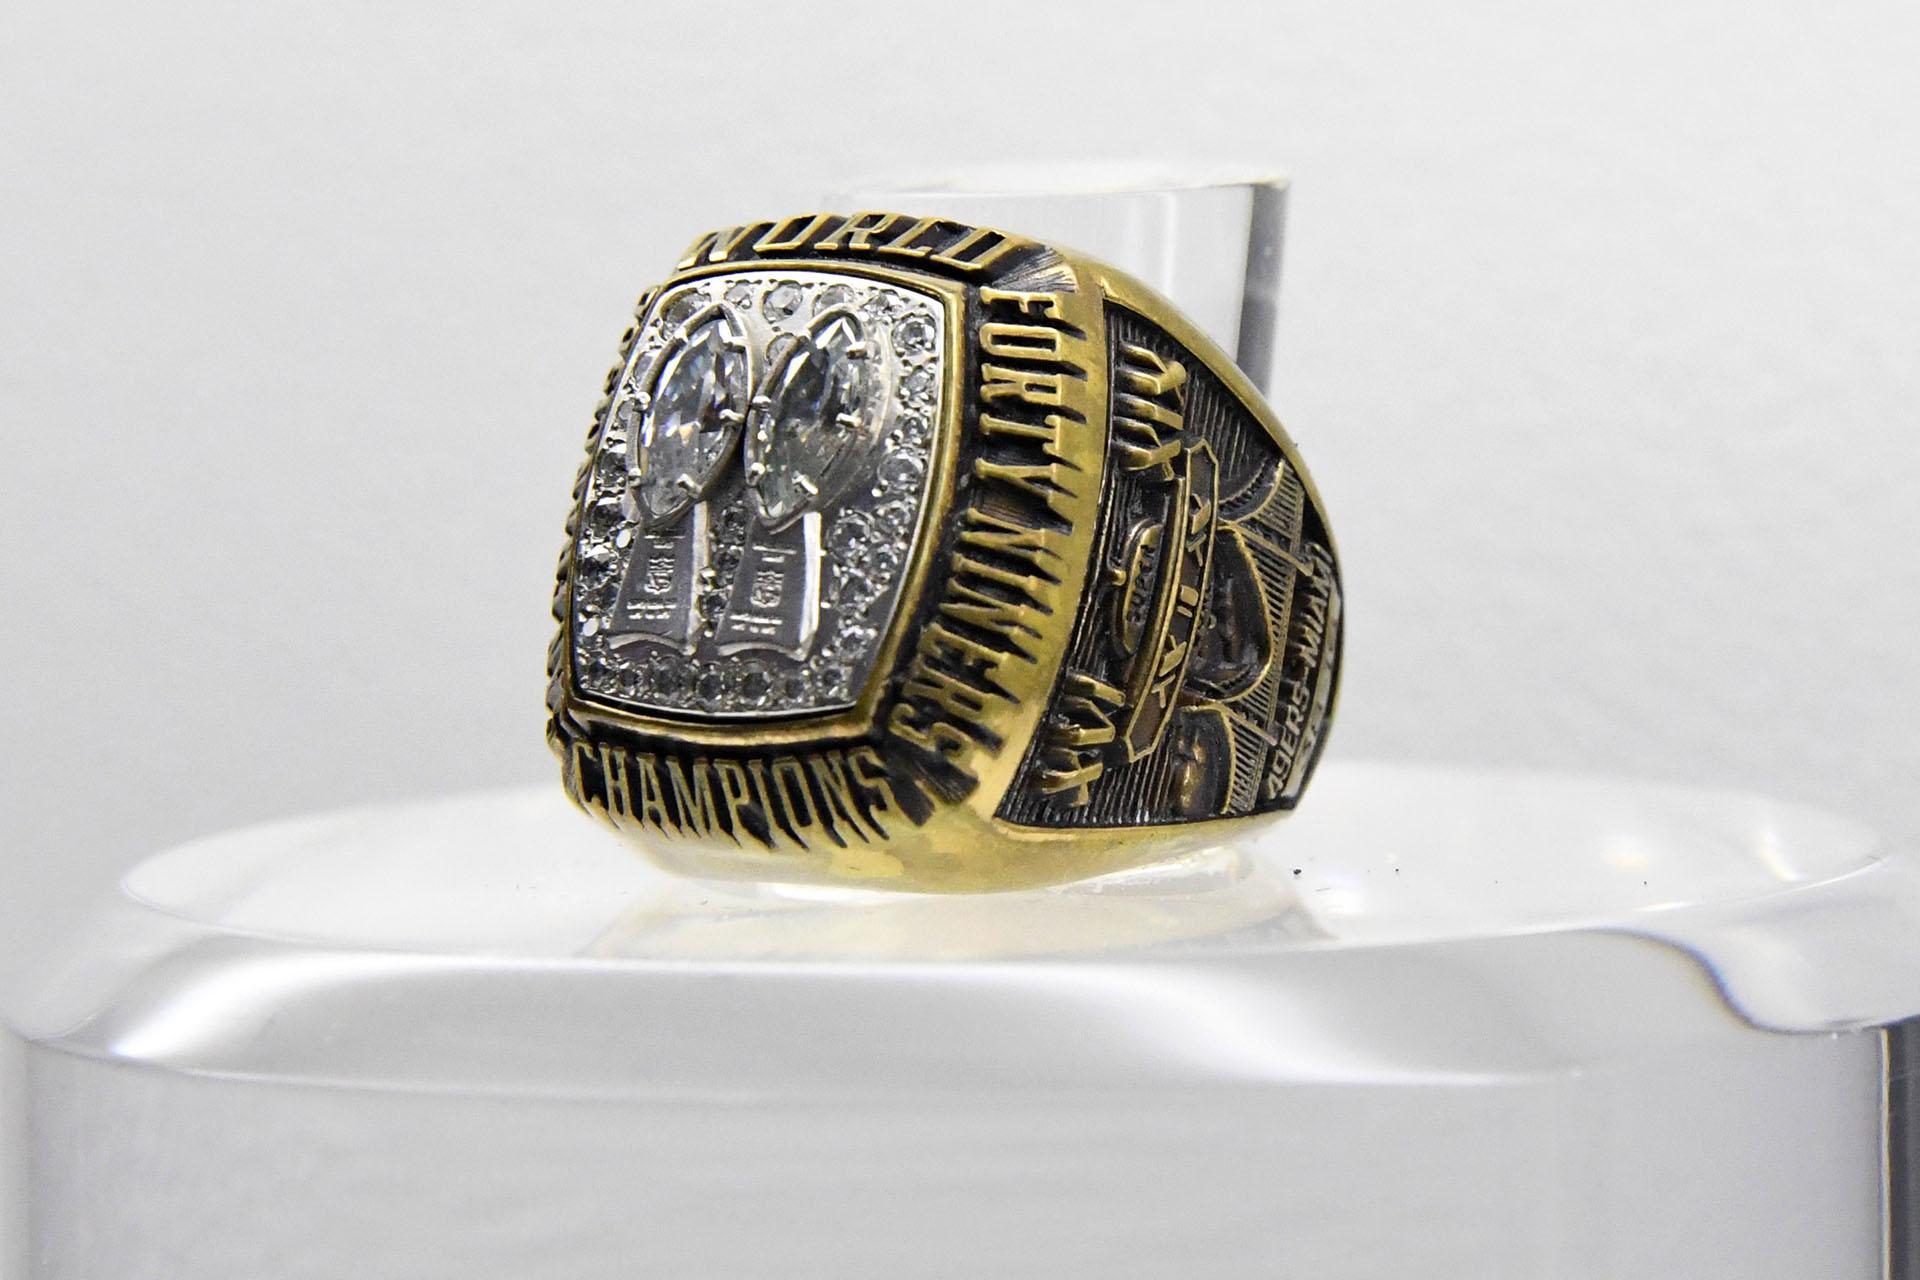 En 1985 el Super Bowl XIX se celebró en el Stanford Stadium en California y el anillo fue para los San Francisco 49ers que le ganaron 38 a 16 a los Miami Dolphins